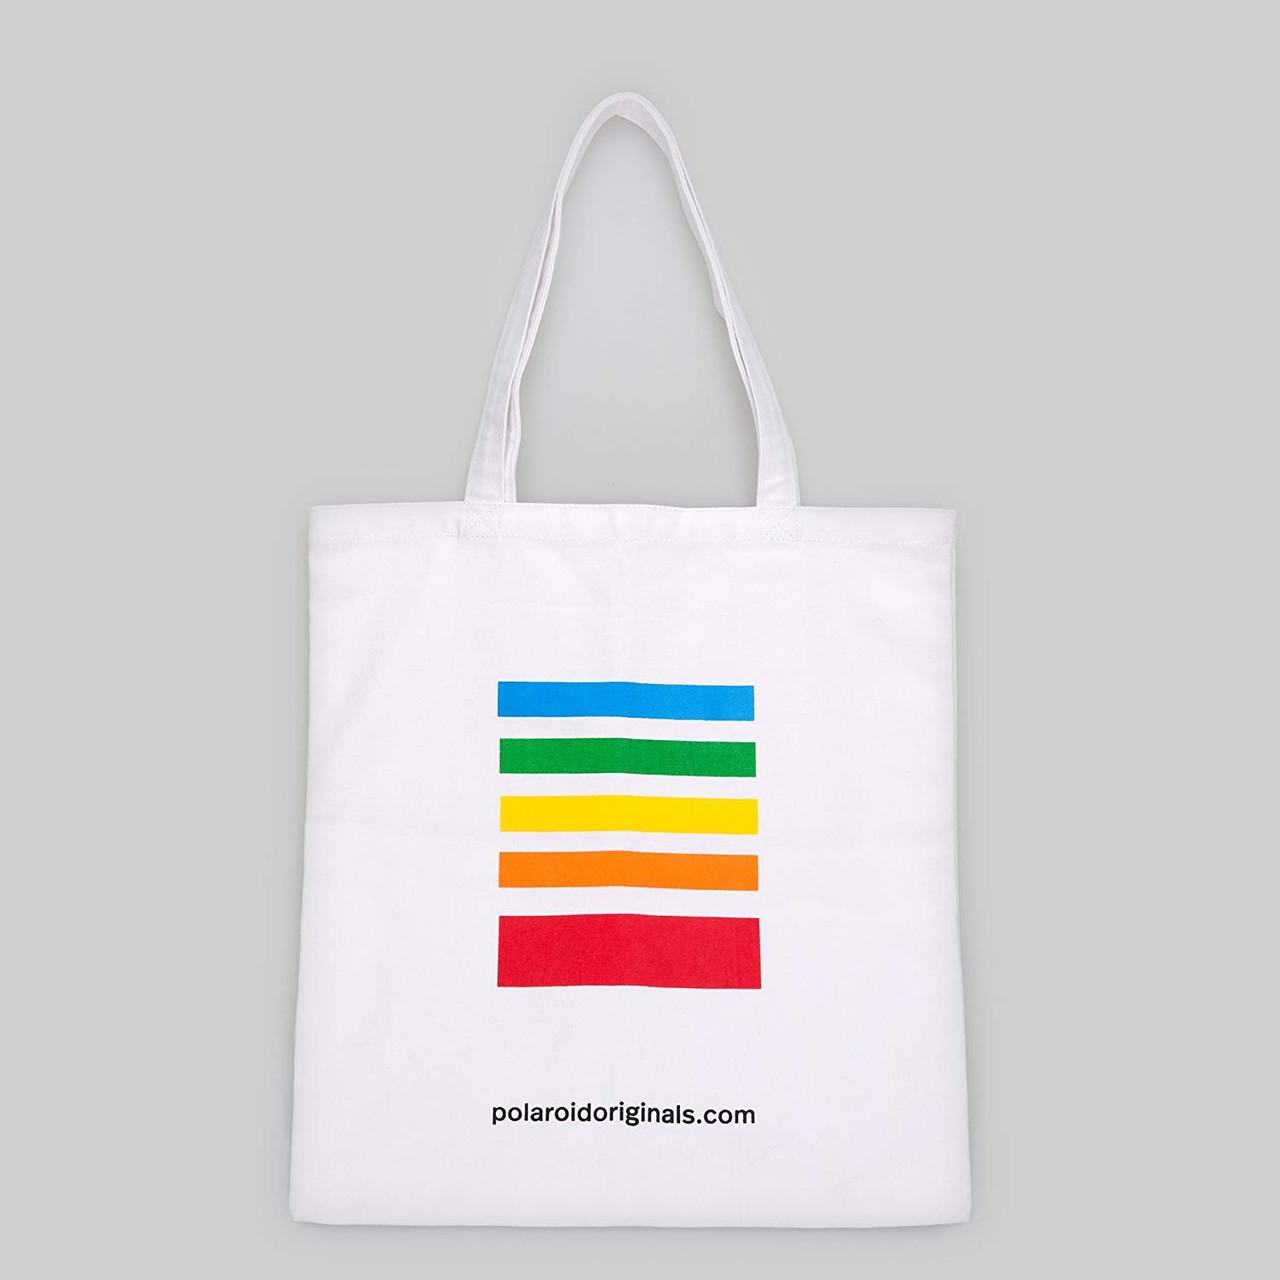 Polaroid Tote Bag - White - Back